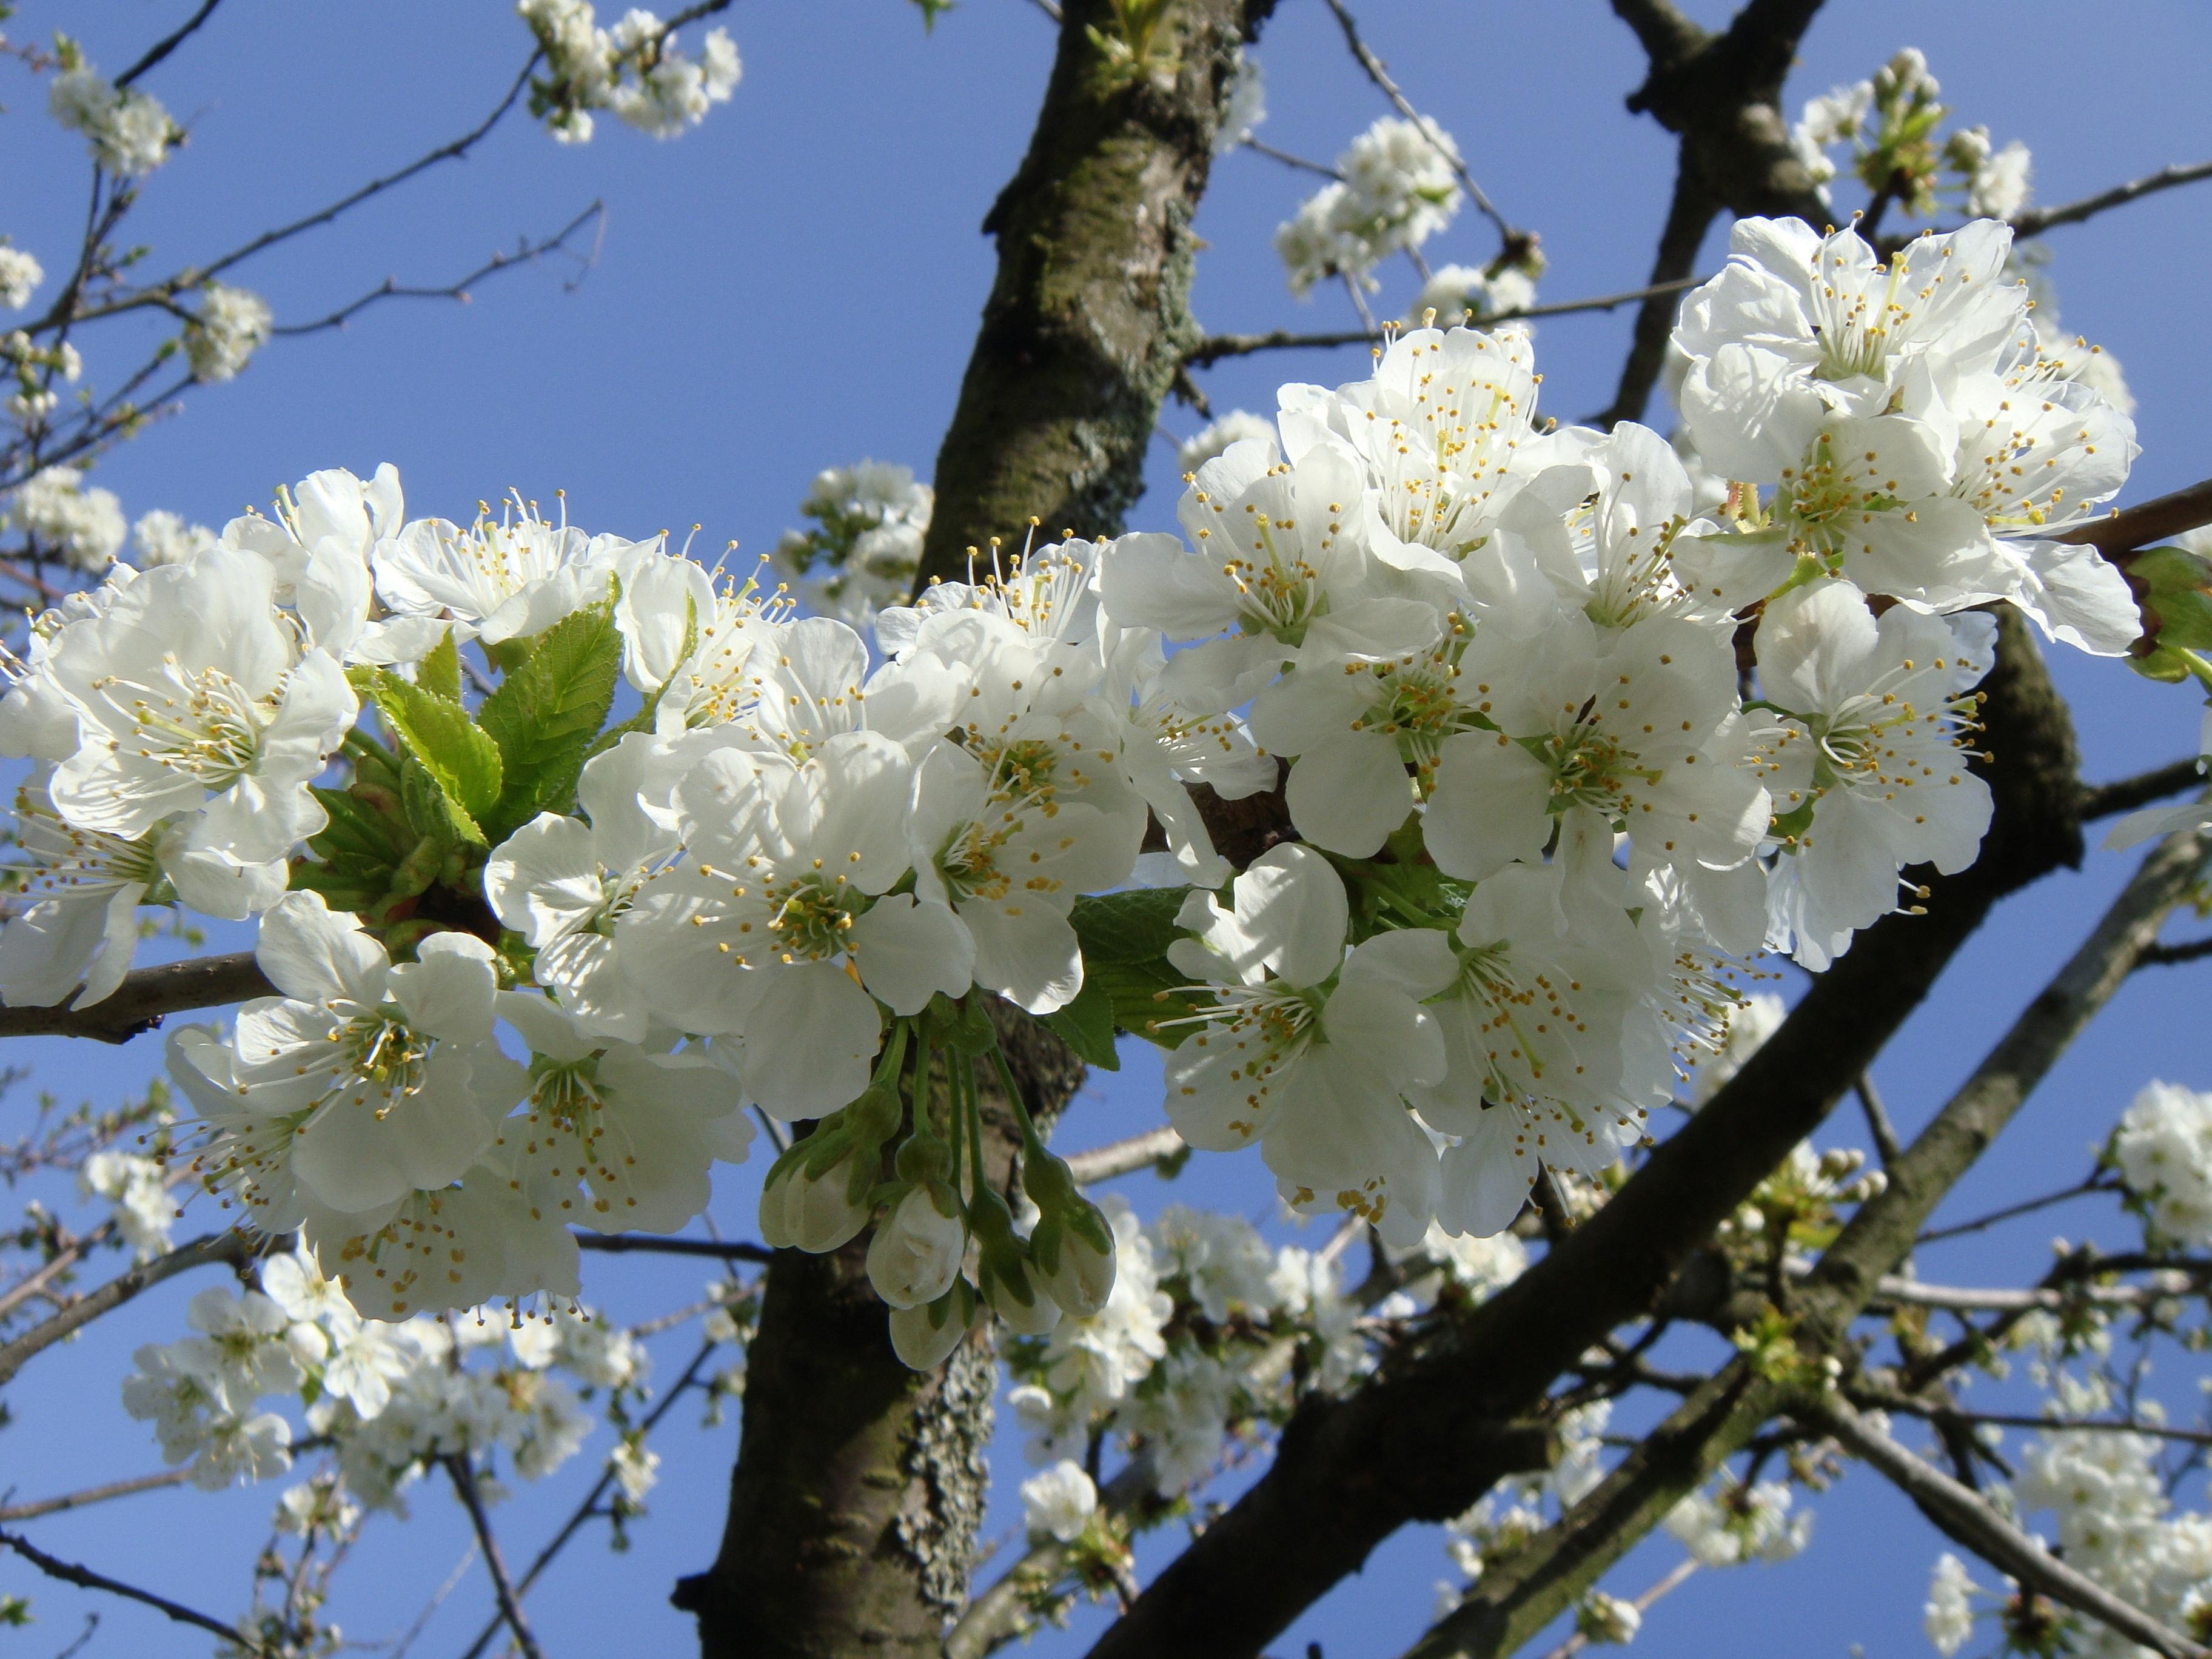 фотографии цветущих фруктовых деревьев нему предъявляются